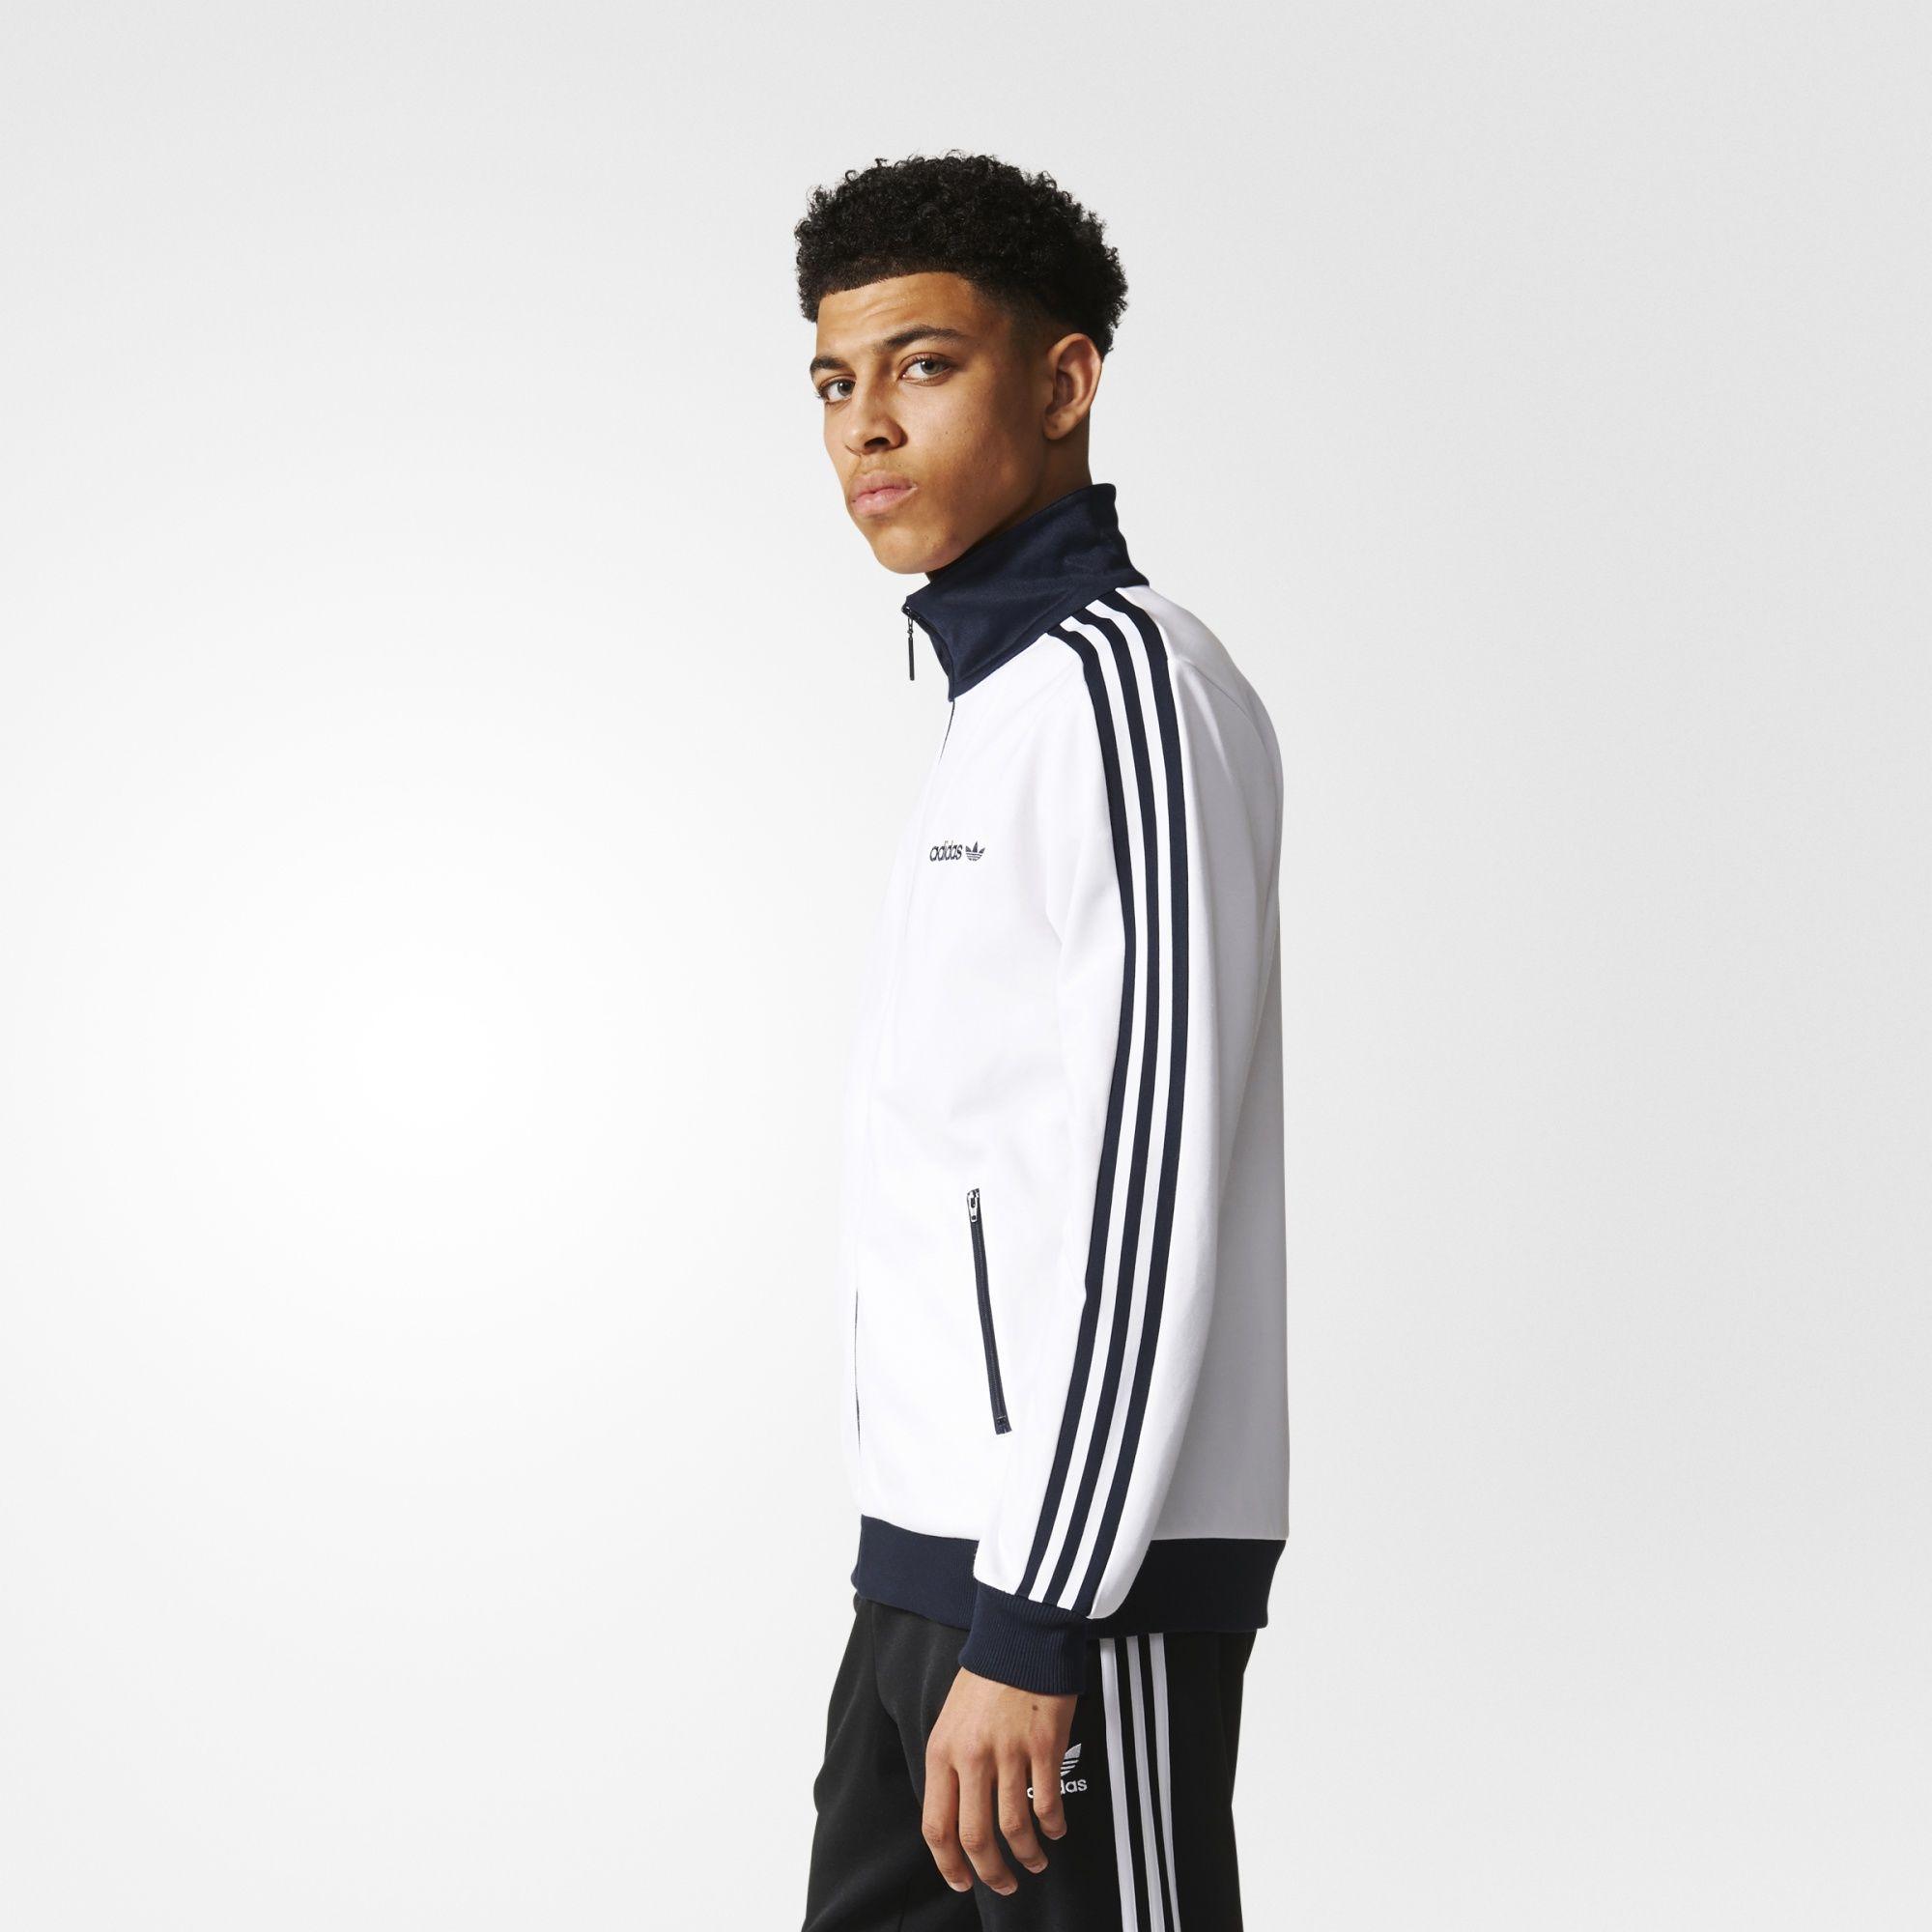 tenis Fructífero mil millones  Олимпийка Beckenbauer M BR2296 Adidas Originals - Украина | ONETEAM.COM.UA